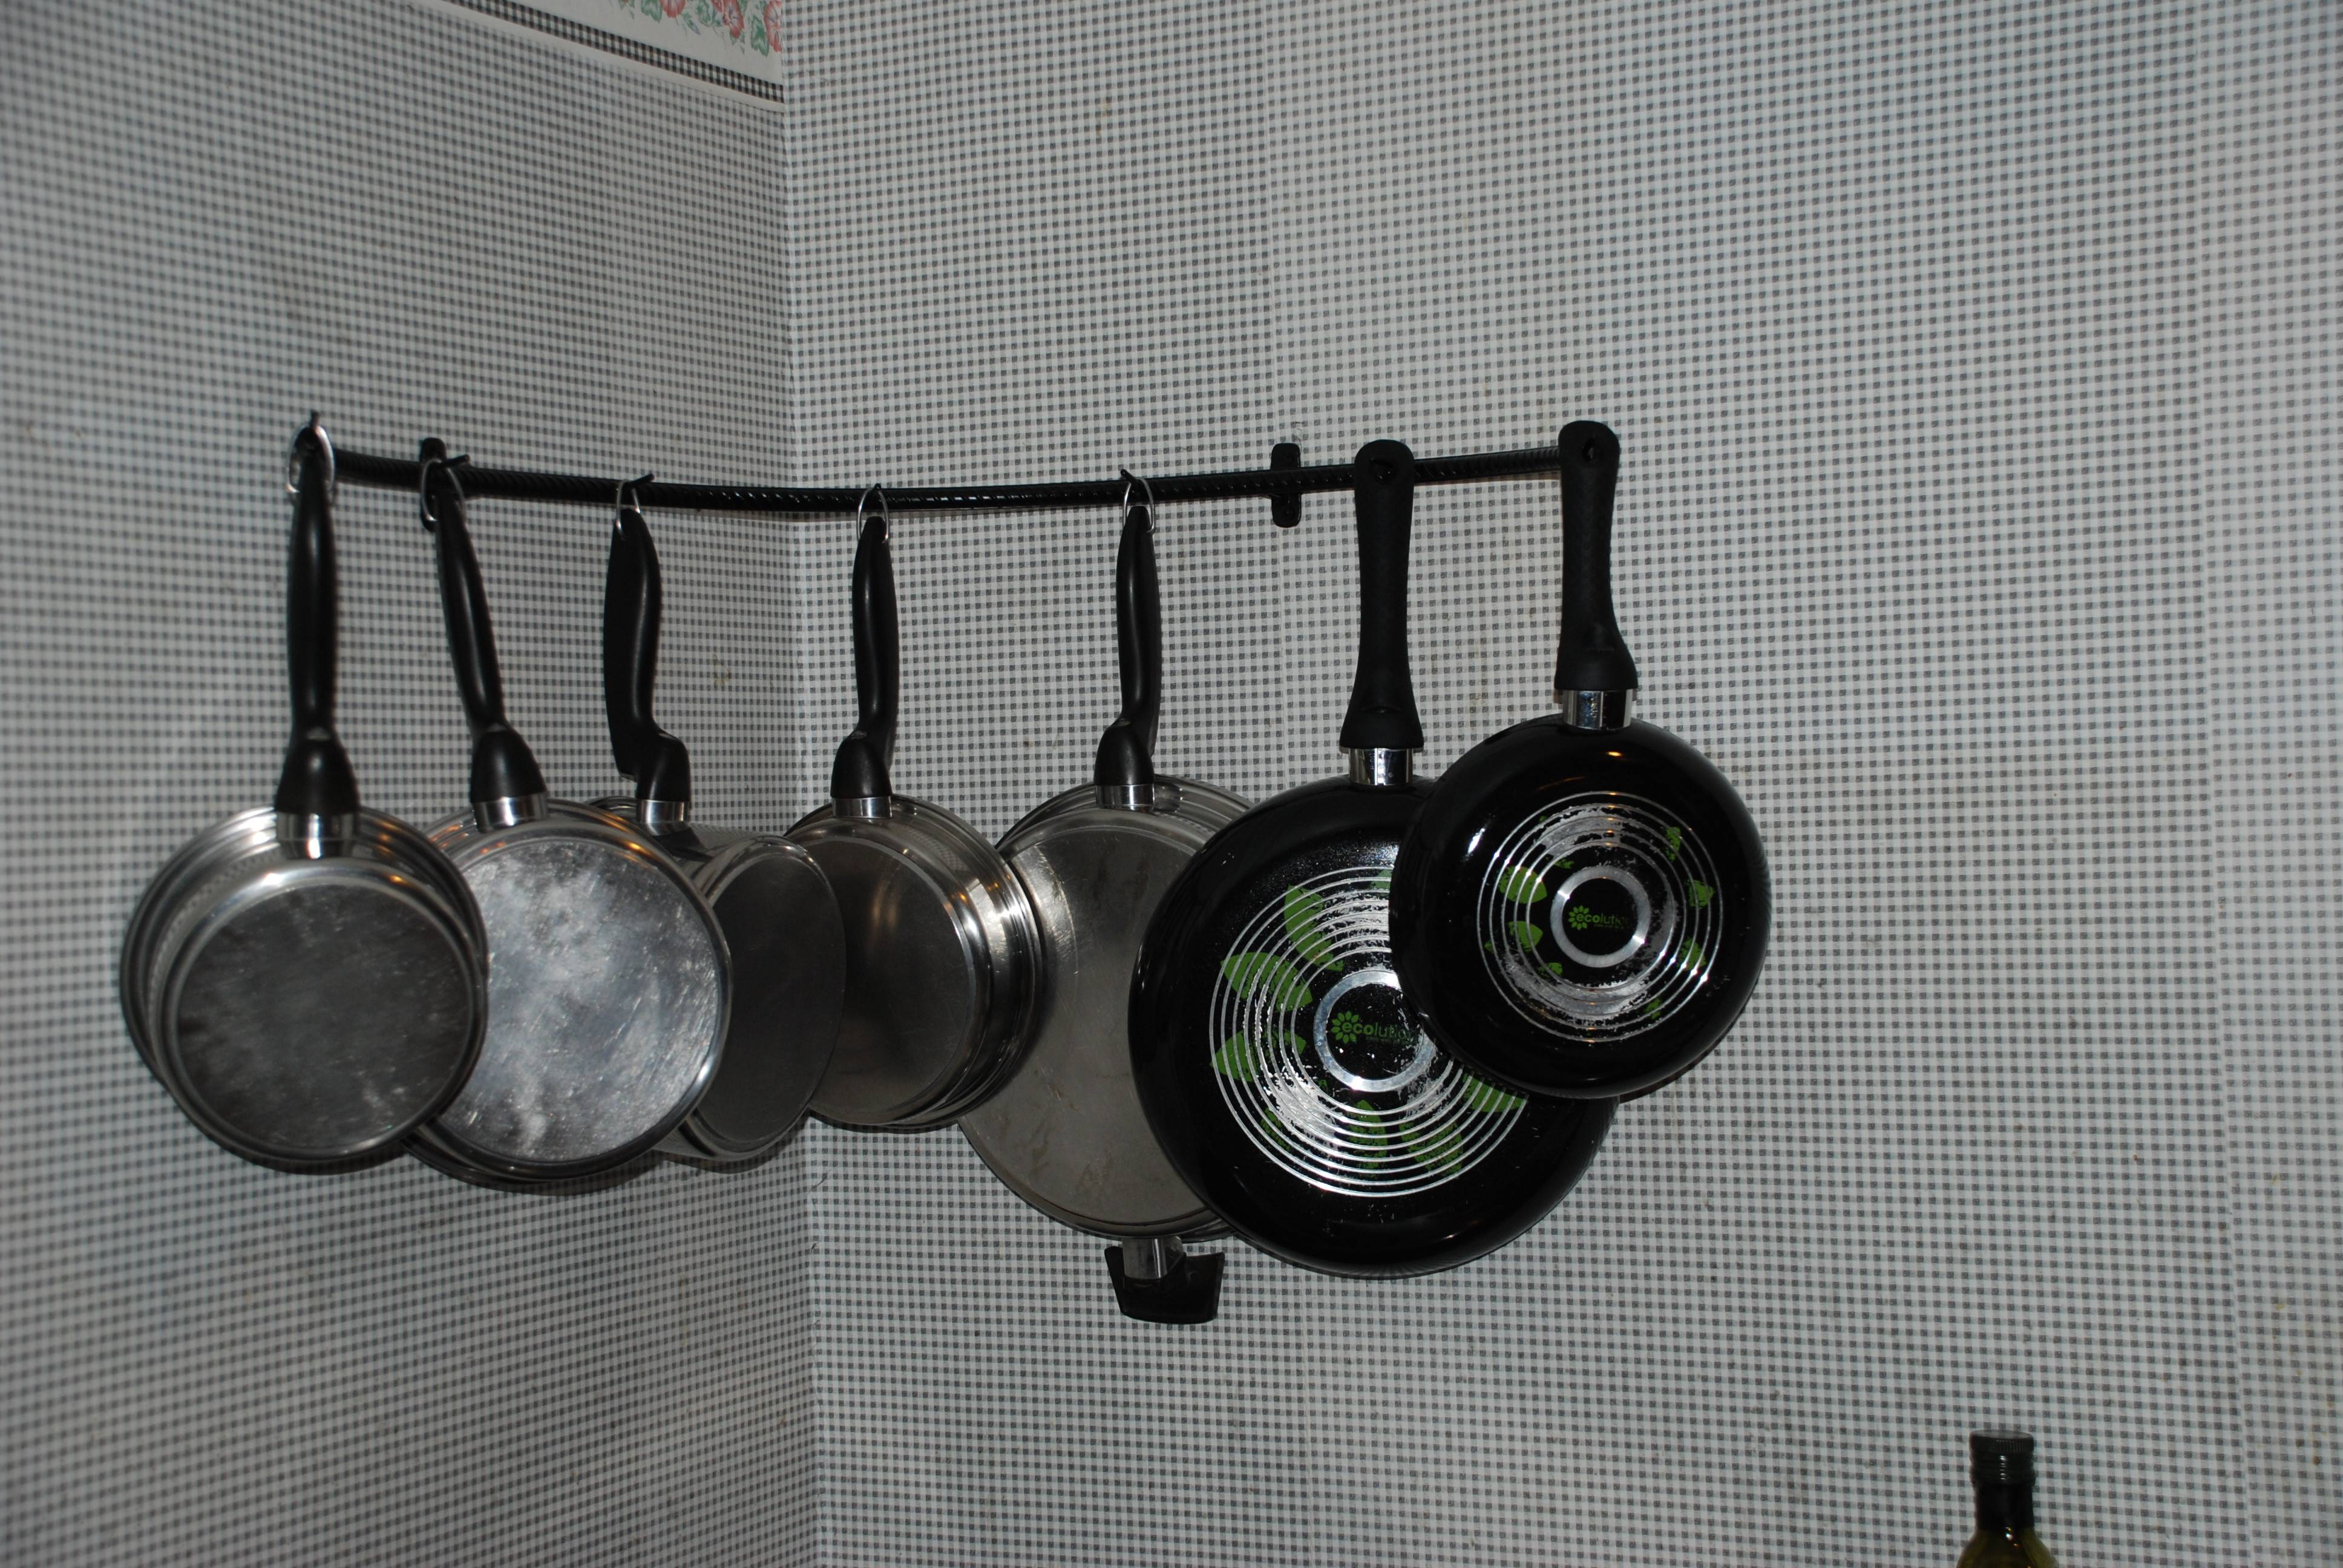 Pots & pans rack